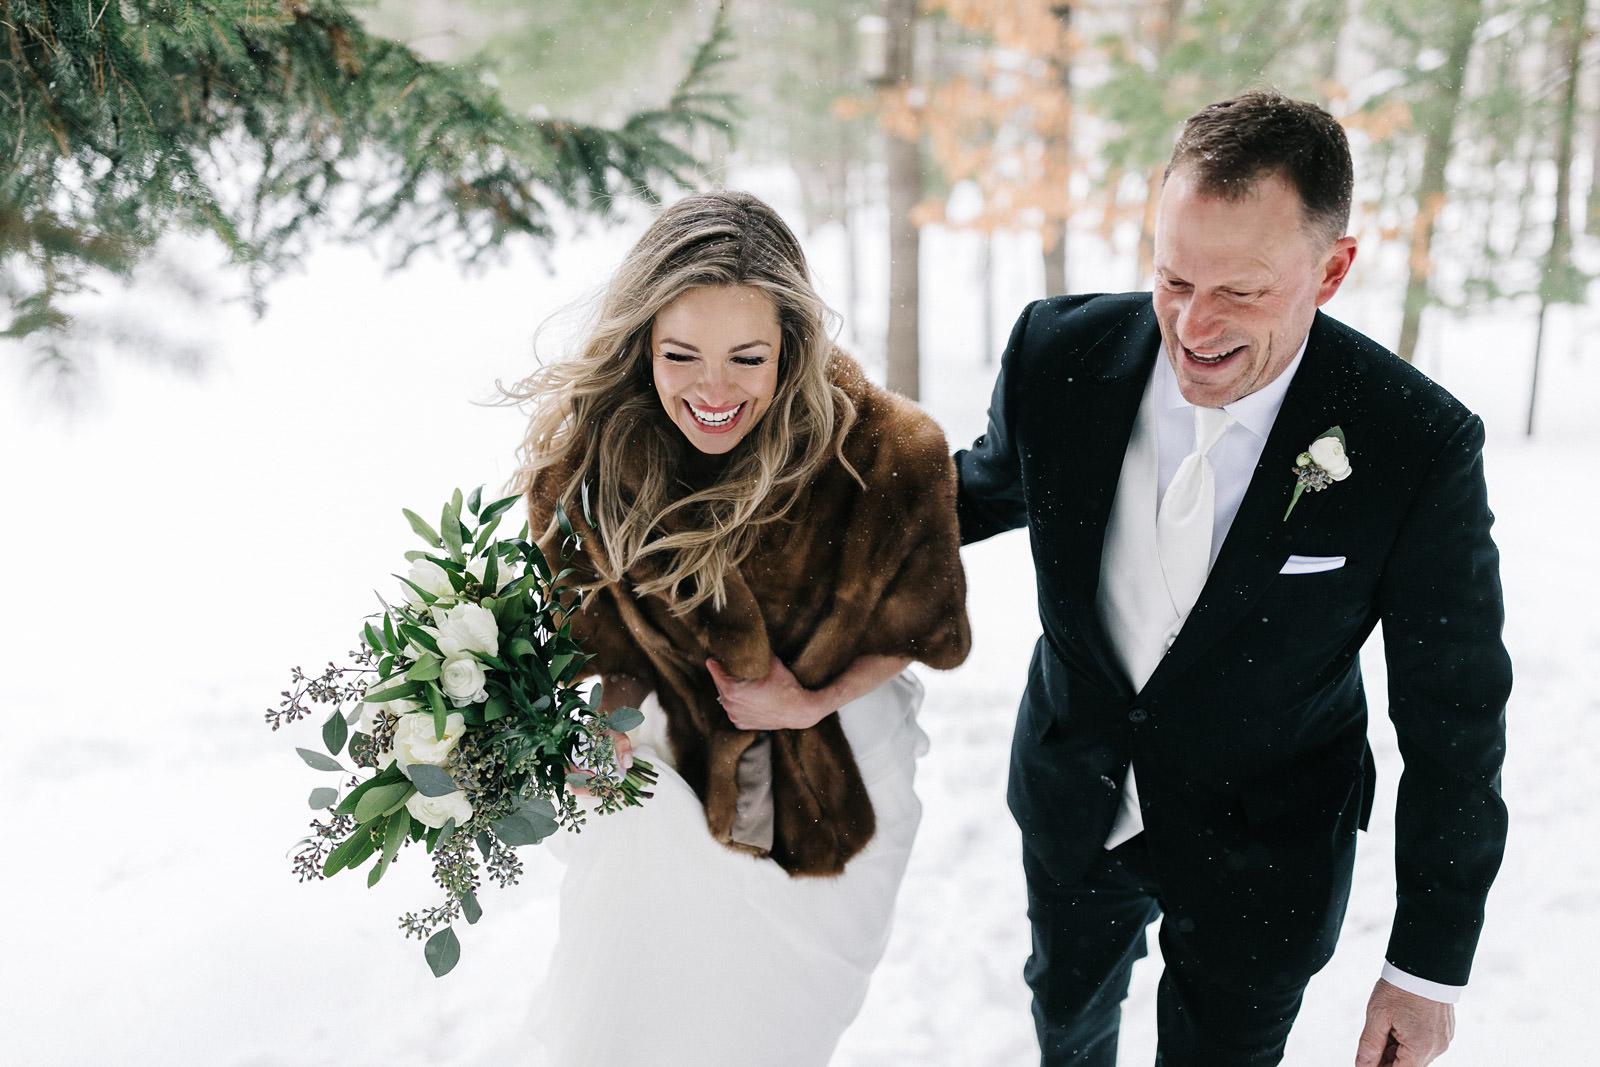 Snowy Historic Barns Park Wedding | Jody + Tony